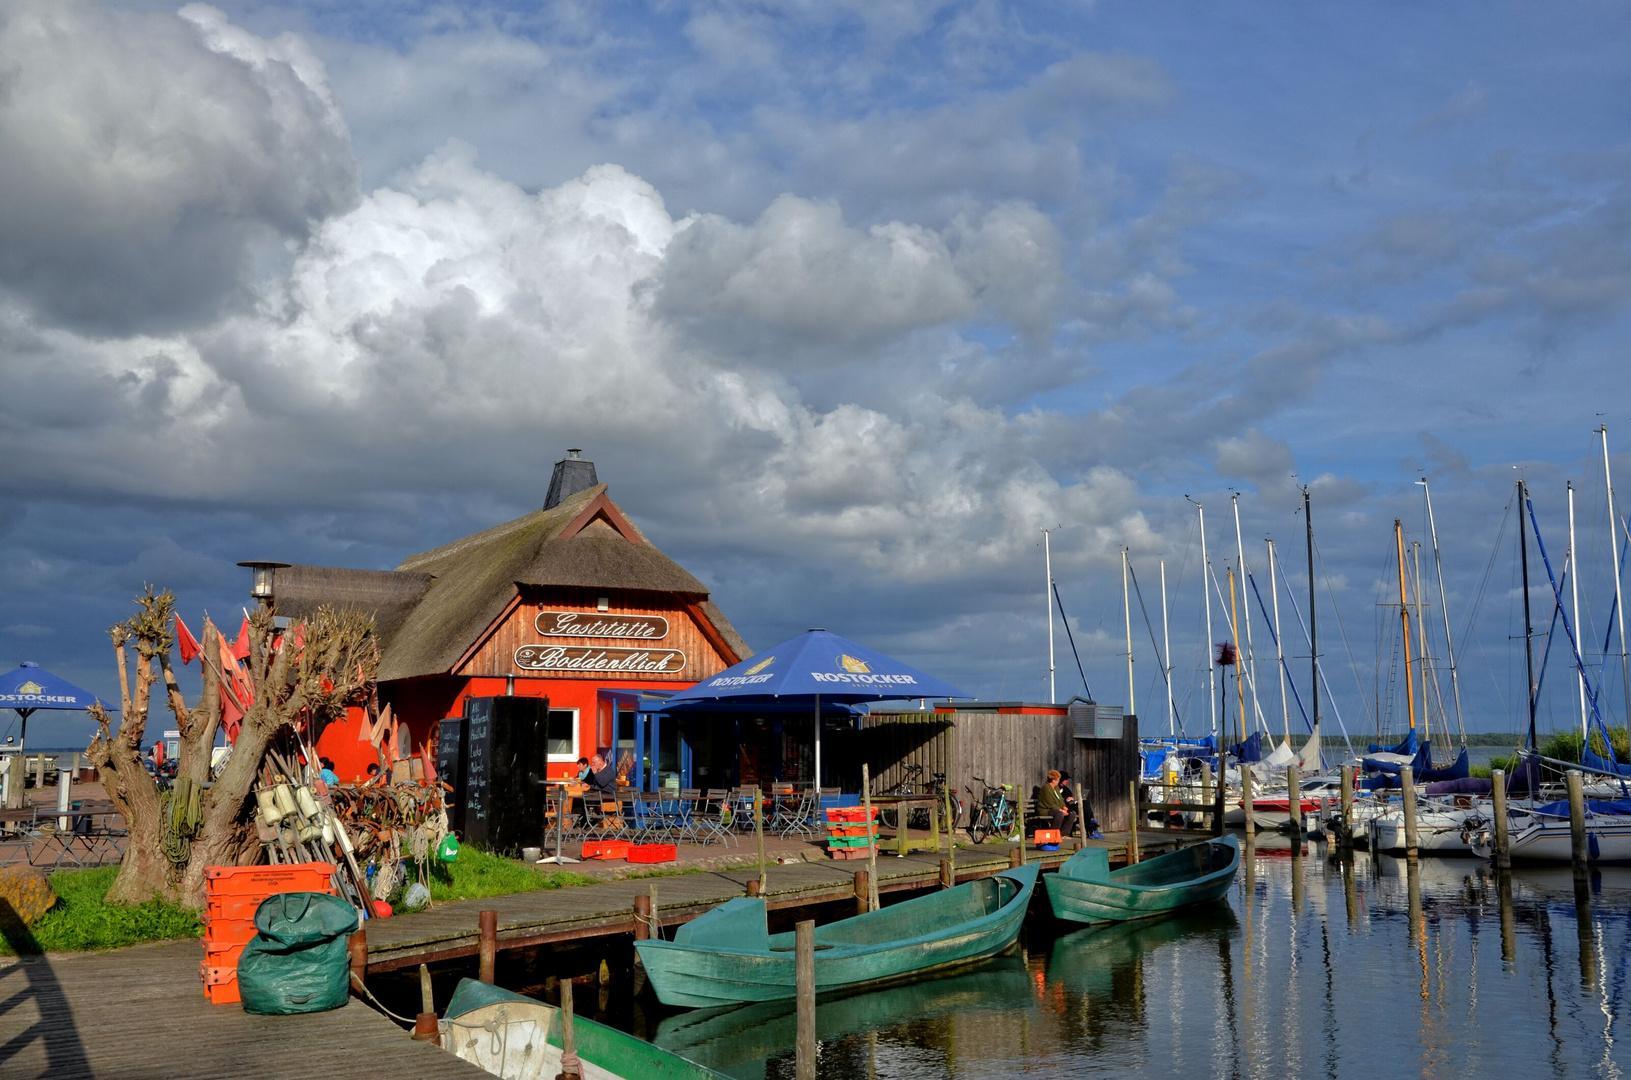 Hafen Dierhagen - Gaststätte Boddenblick